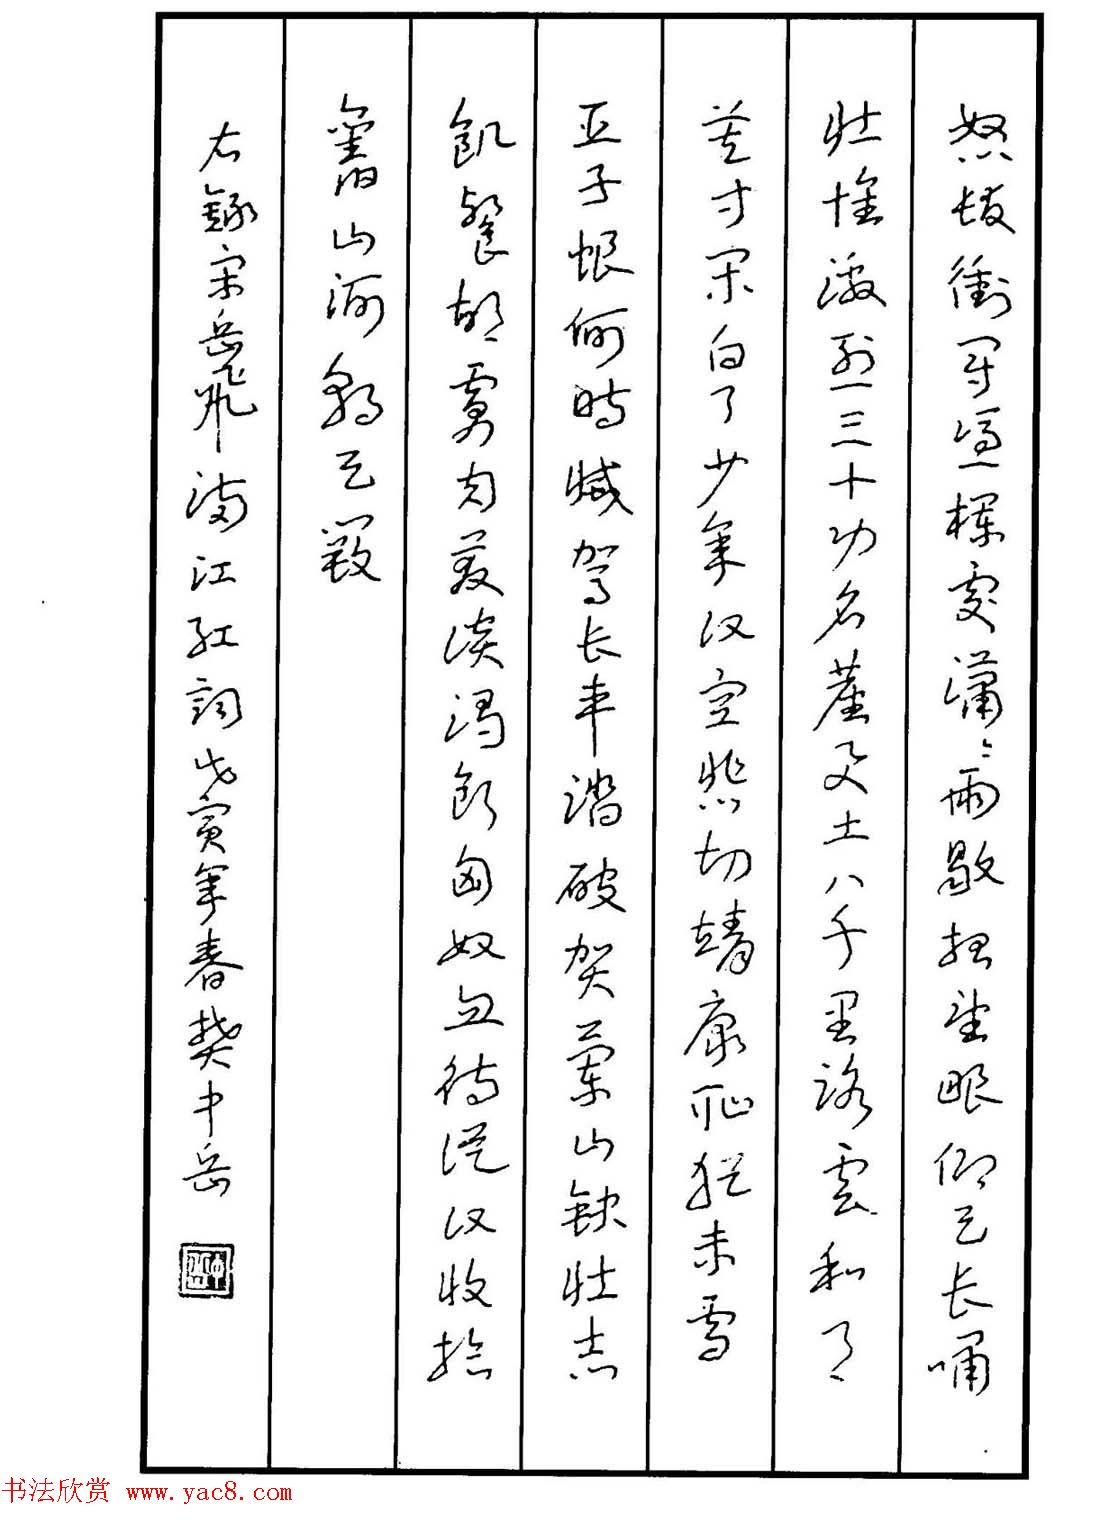 硬笔书法作品集 草书名家精品欣赏 第3页 硬笔书法 书法欣赏